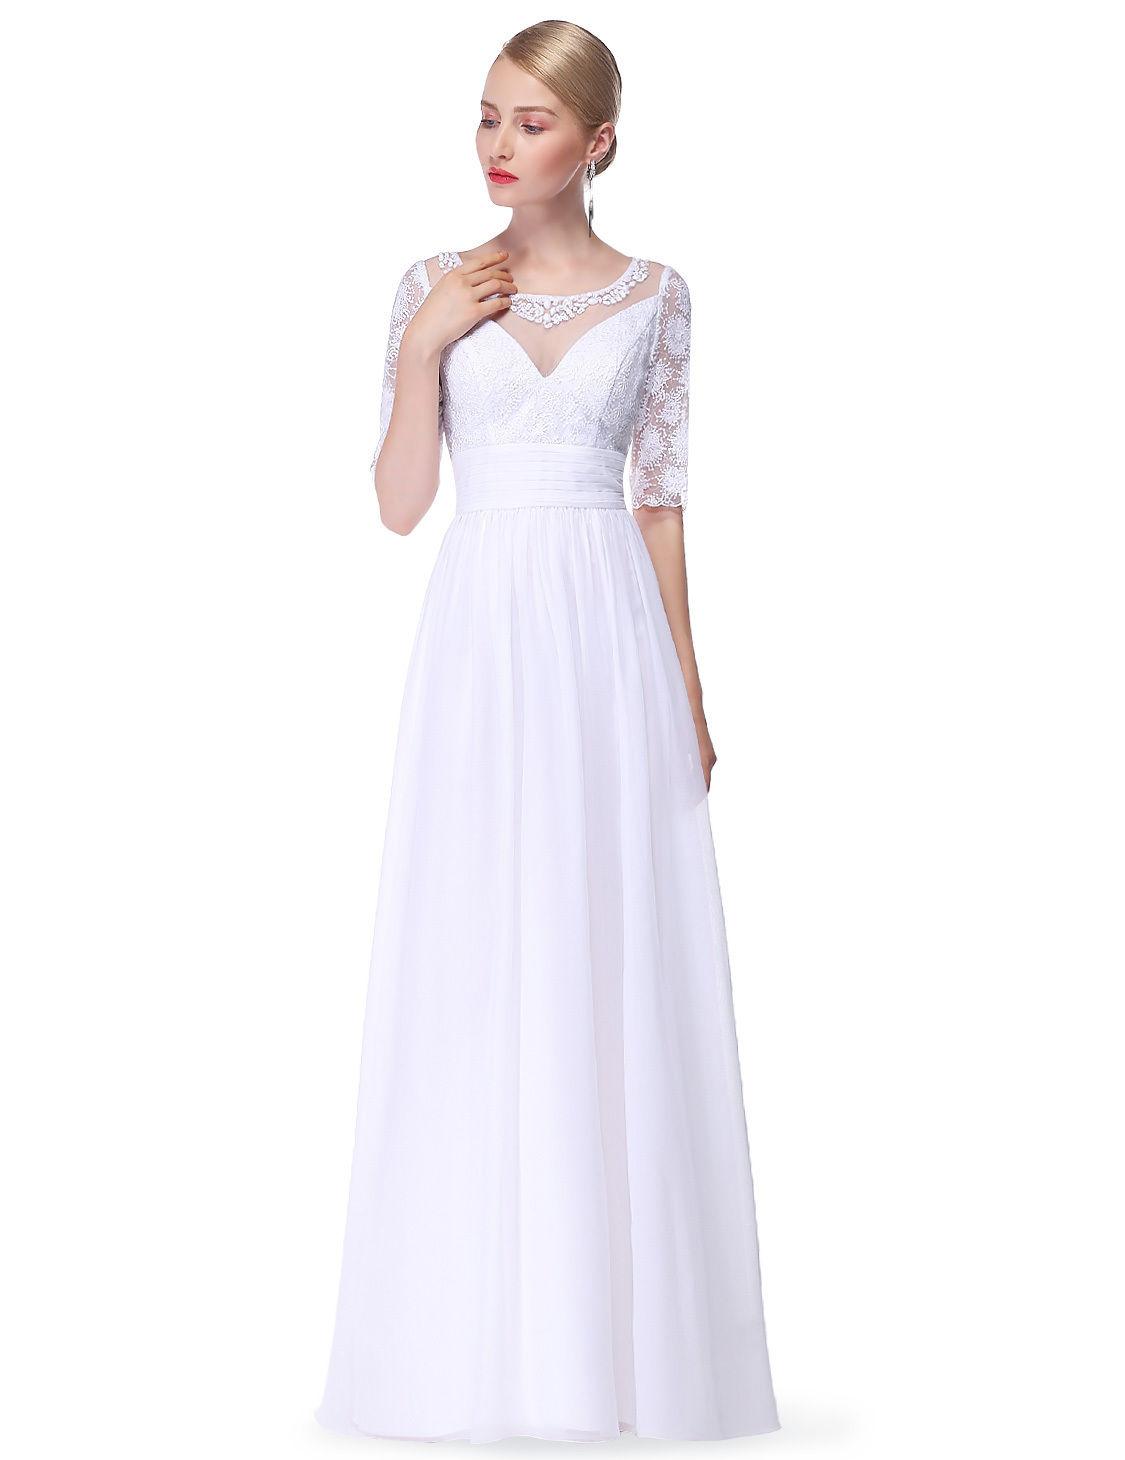 87c530ce2ce Jednoduché bílé svatební společenské šaty s rukávem 34-36